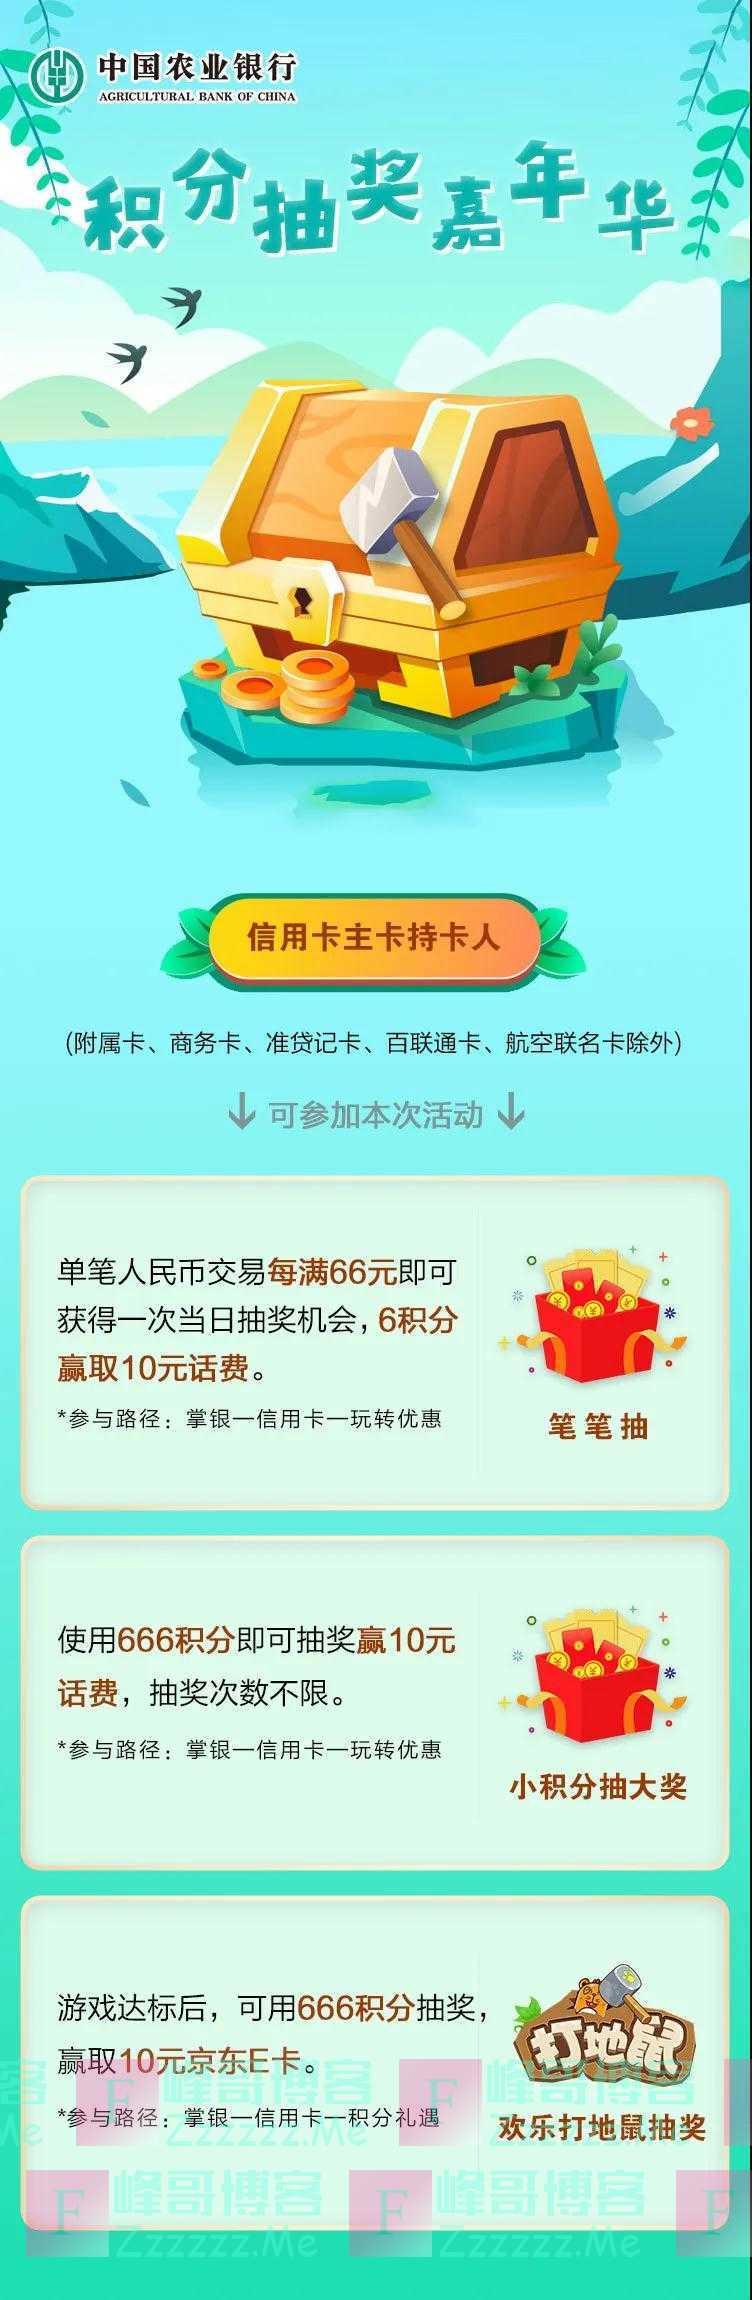 农业银行xing/用卡积分抽奖嘉年华,三重好礼抽不停(截止不详)